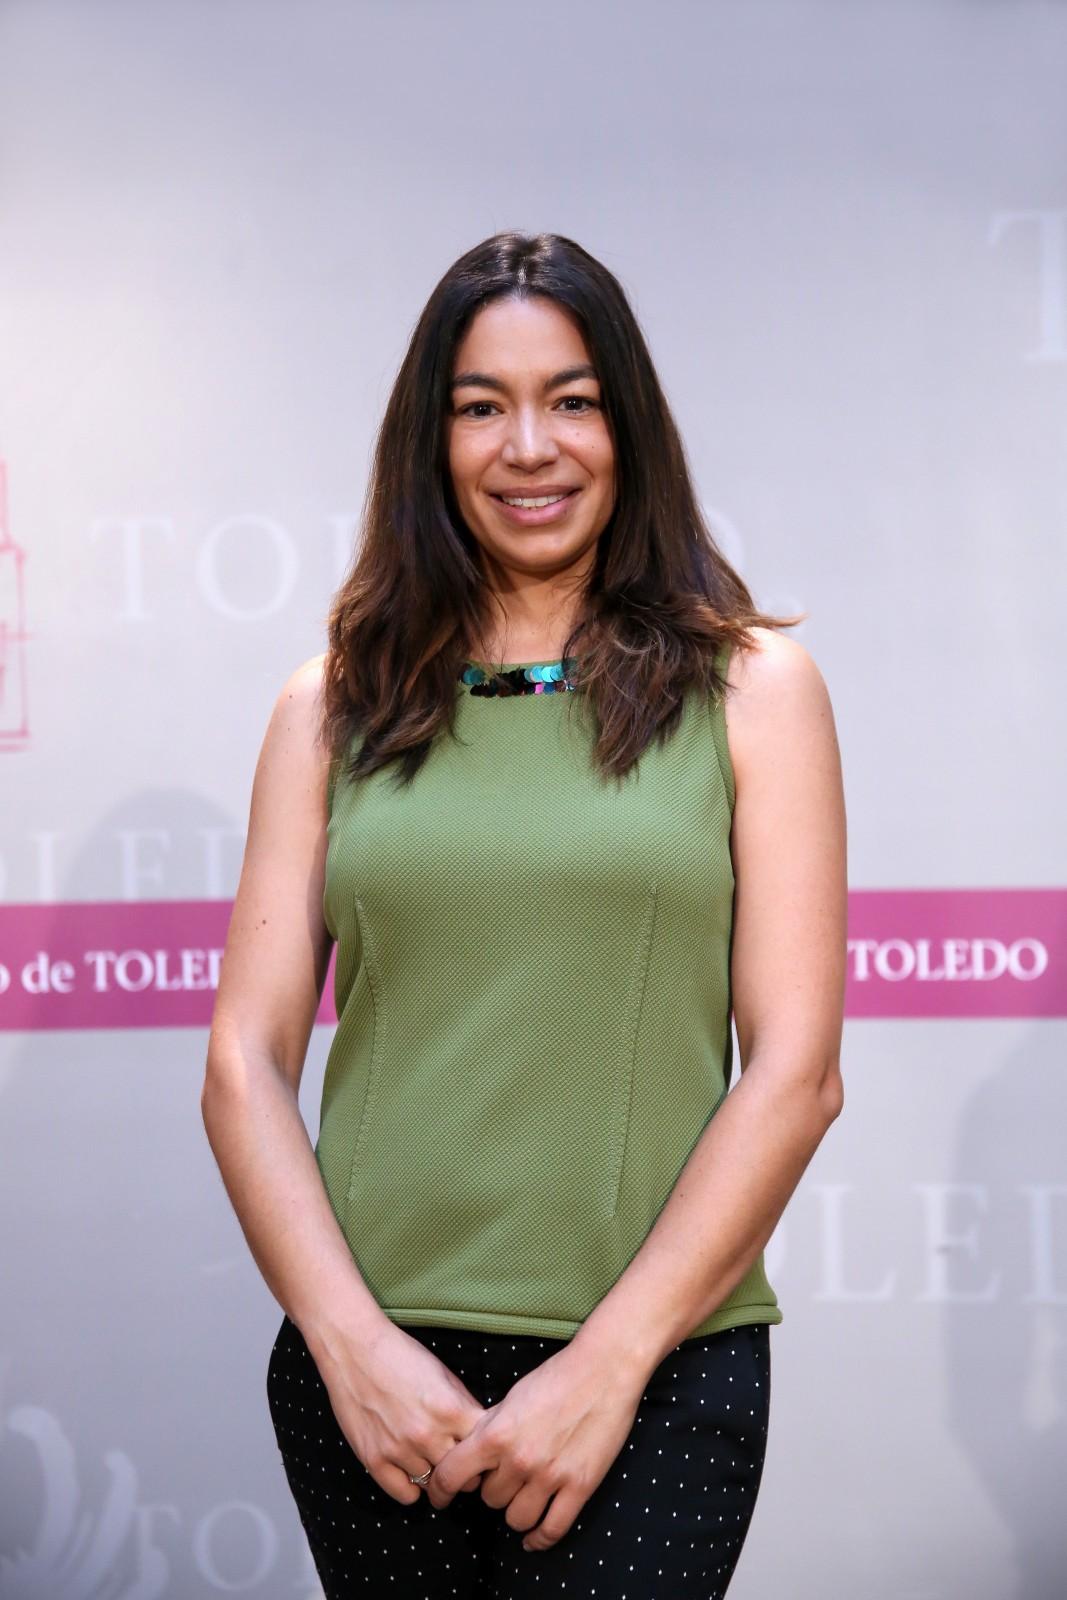 Claudia Alonso Rojas